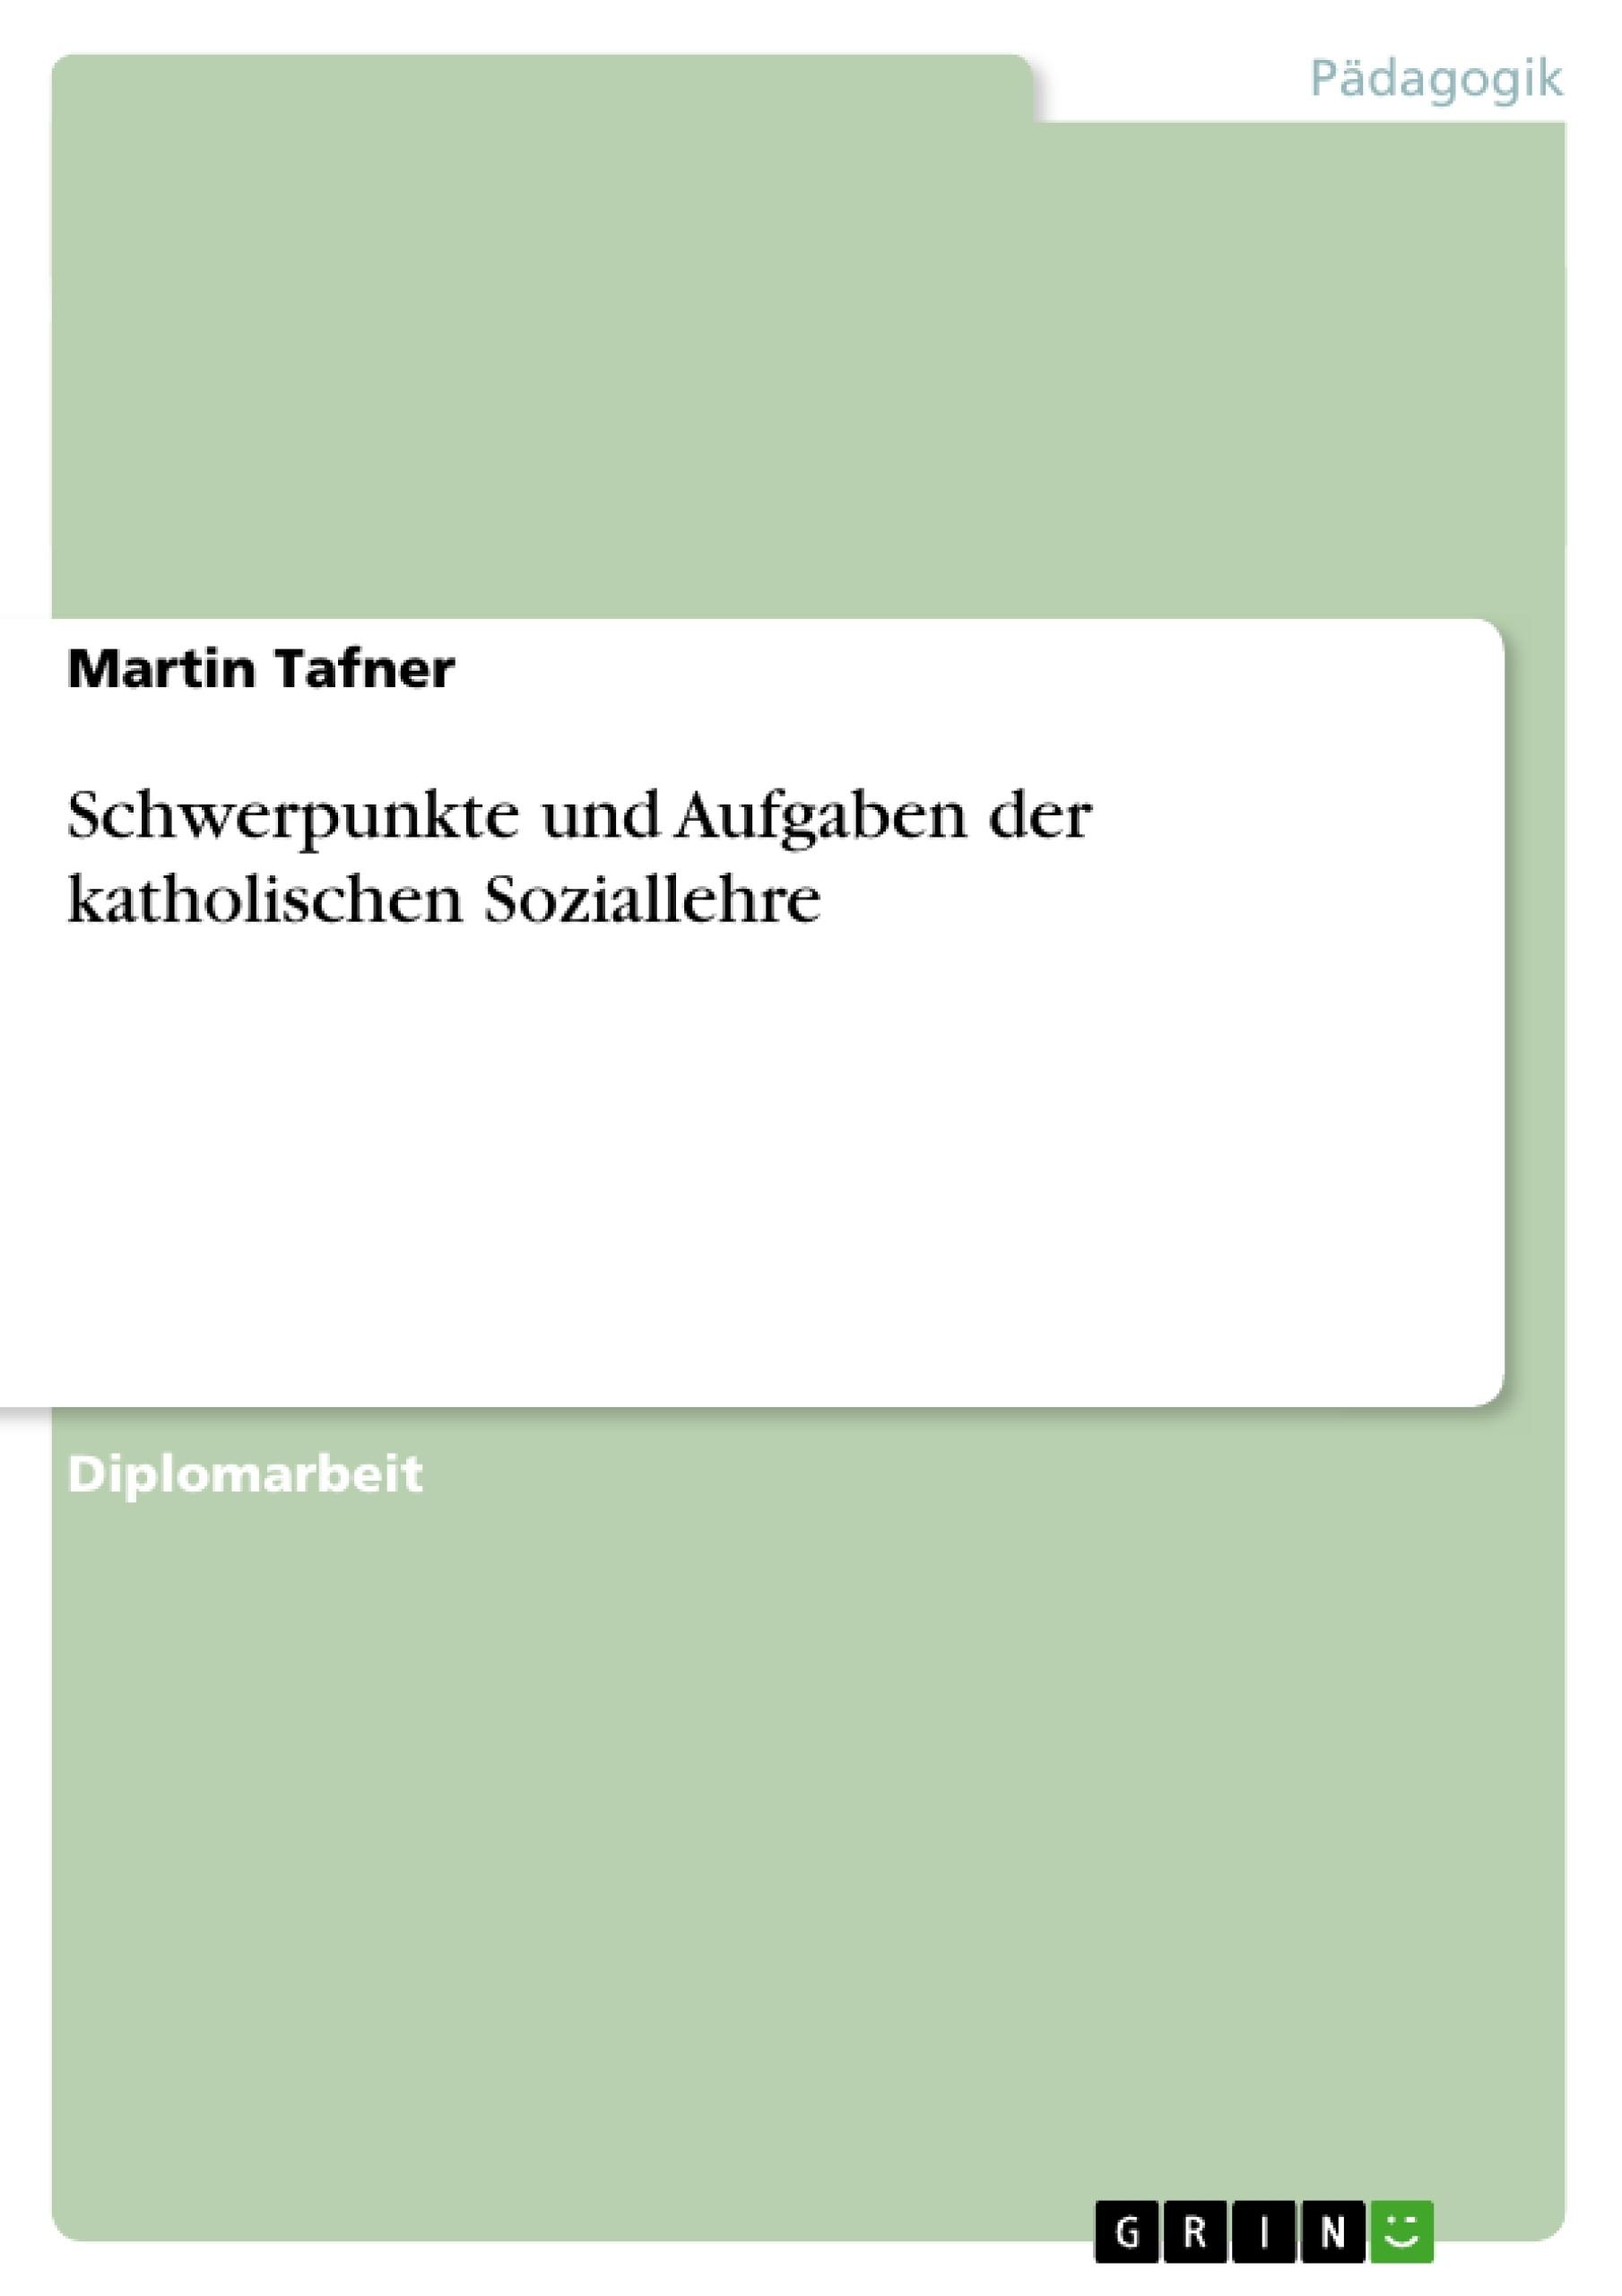 Titel: Schwerpunkte und Aufgaben der katholischen Soziallehre